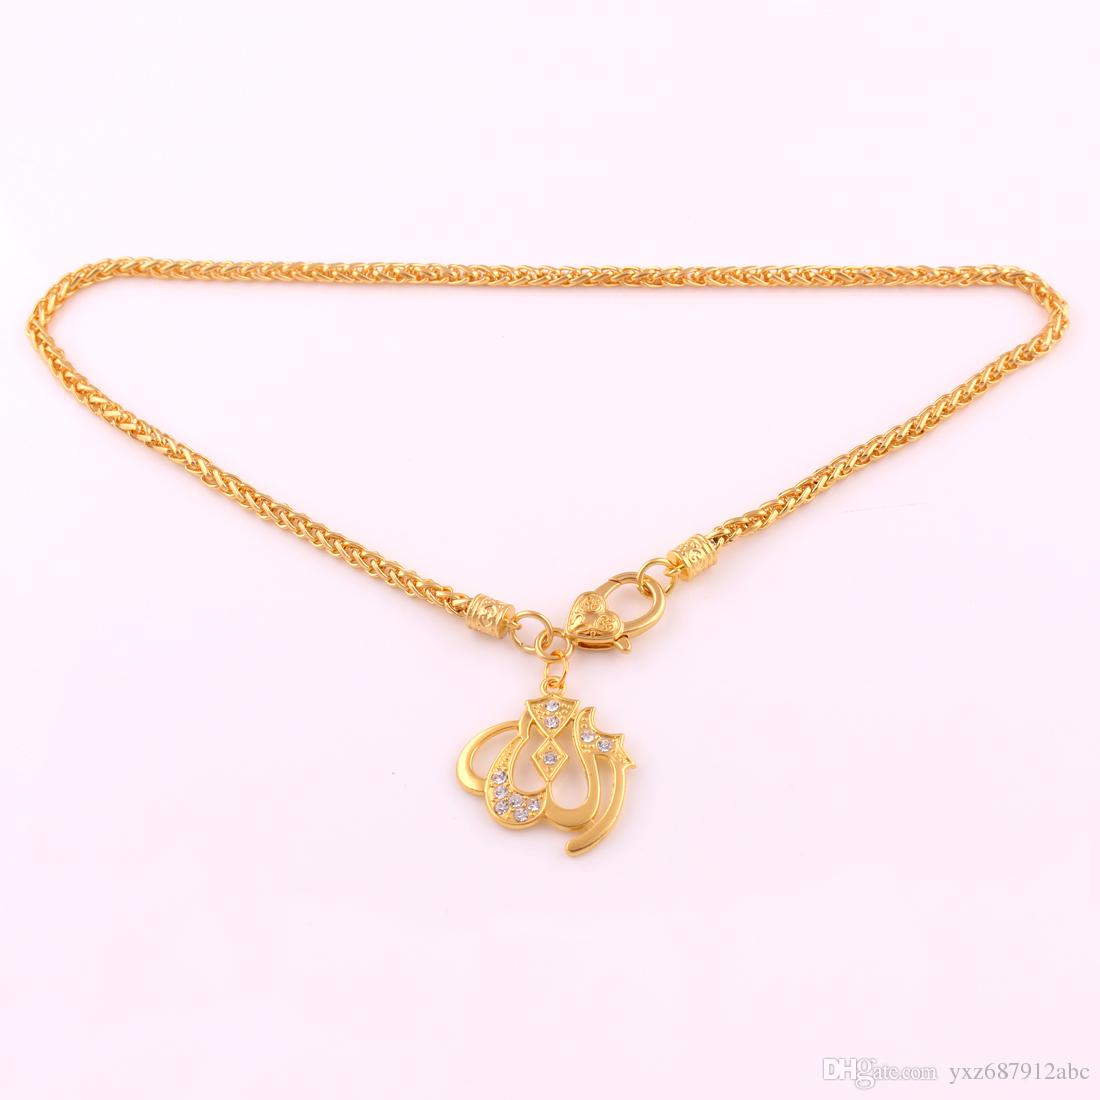 Pendent di fascino di preghiera di urdu di colore dell'oro di buona qualità con il cristallo libero di modo dei monili della collana della catena a maglia del grano religioso di modo